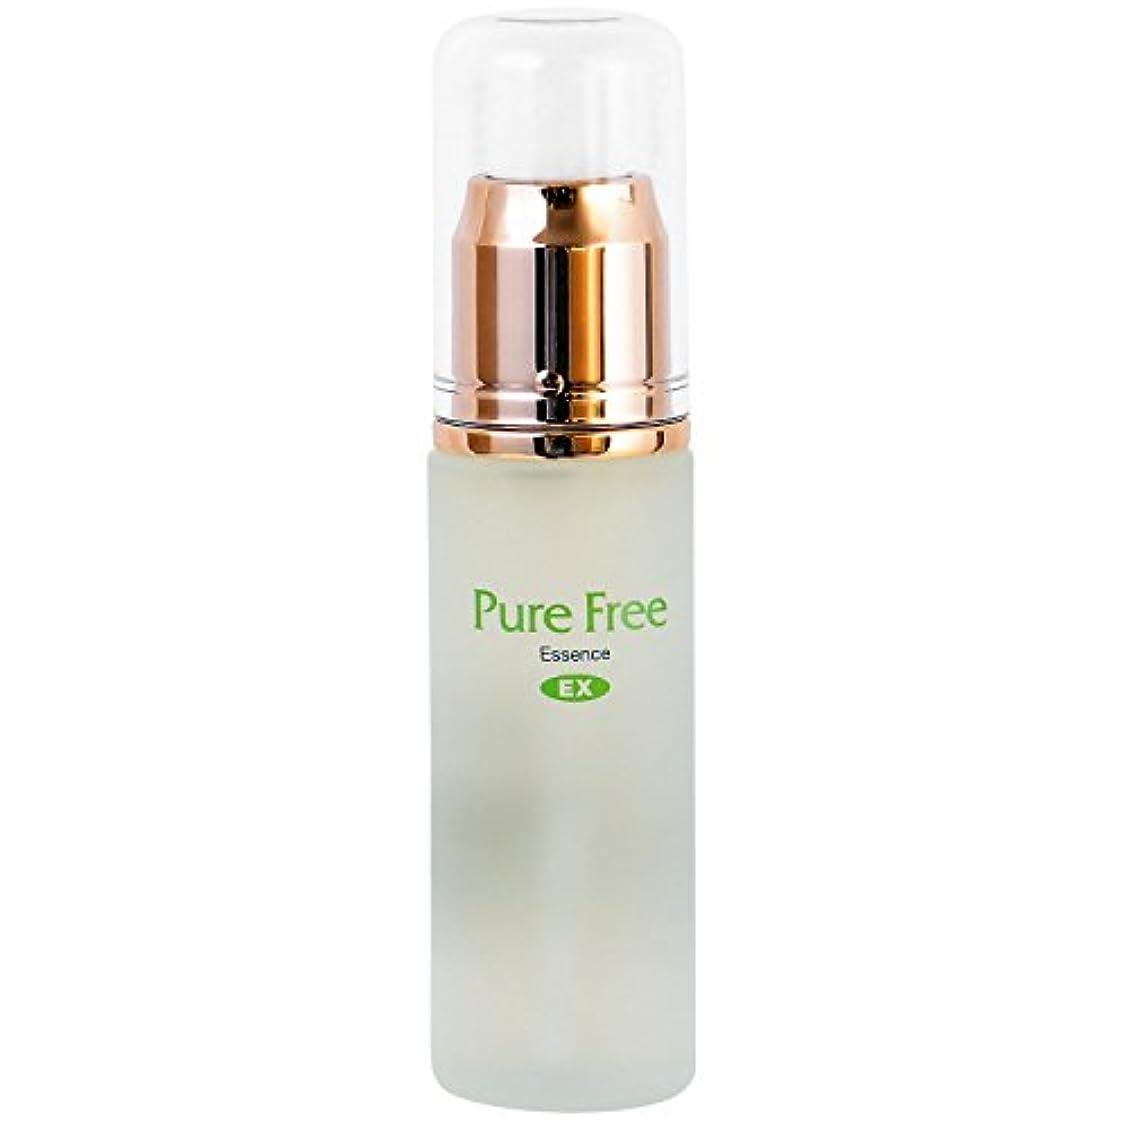 引き潮倉庫全能Pure Free (ピュアフリー) エッセンスEX オーガニック 正規品 美容液 (サンプル用意あり)